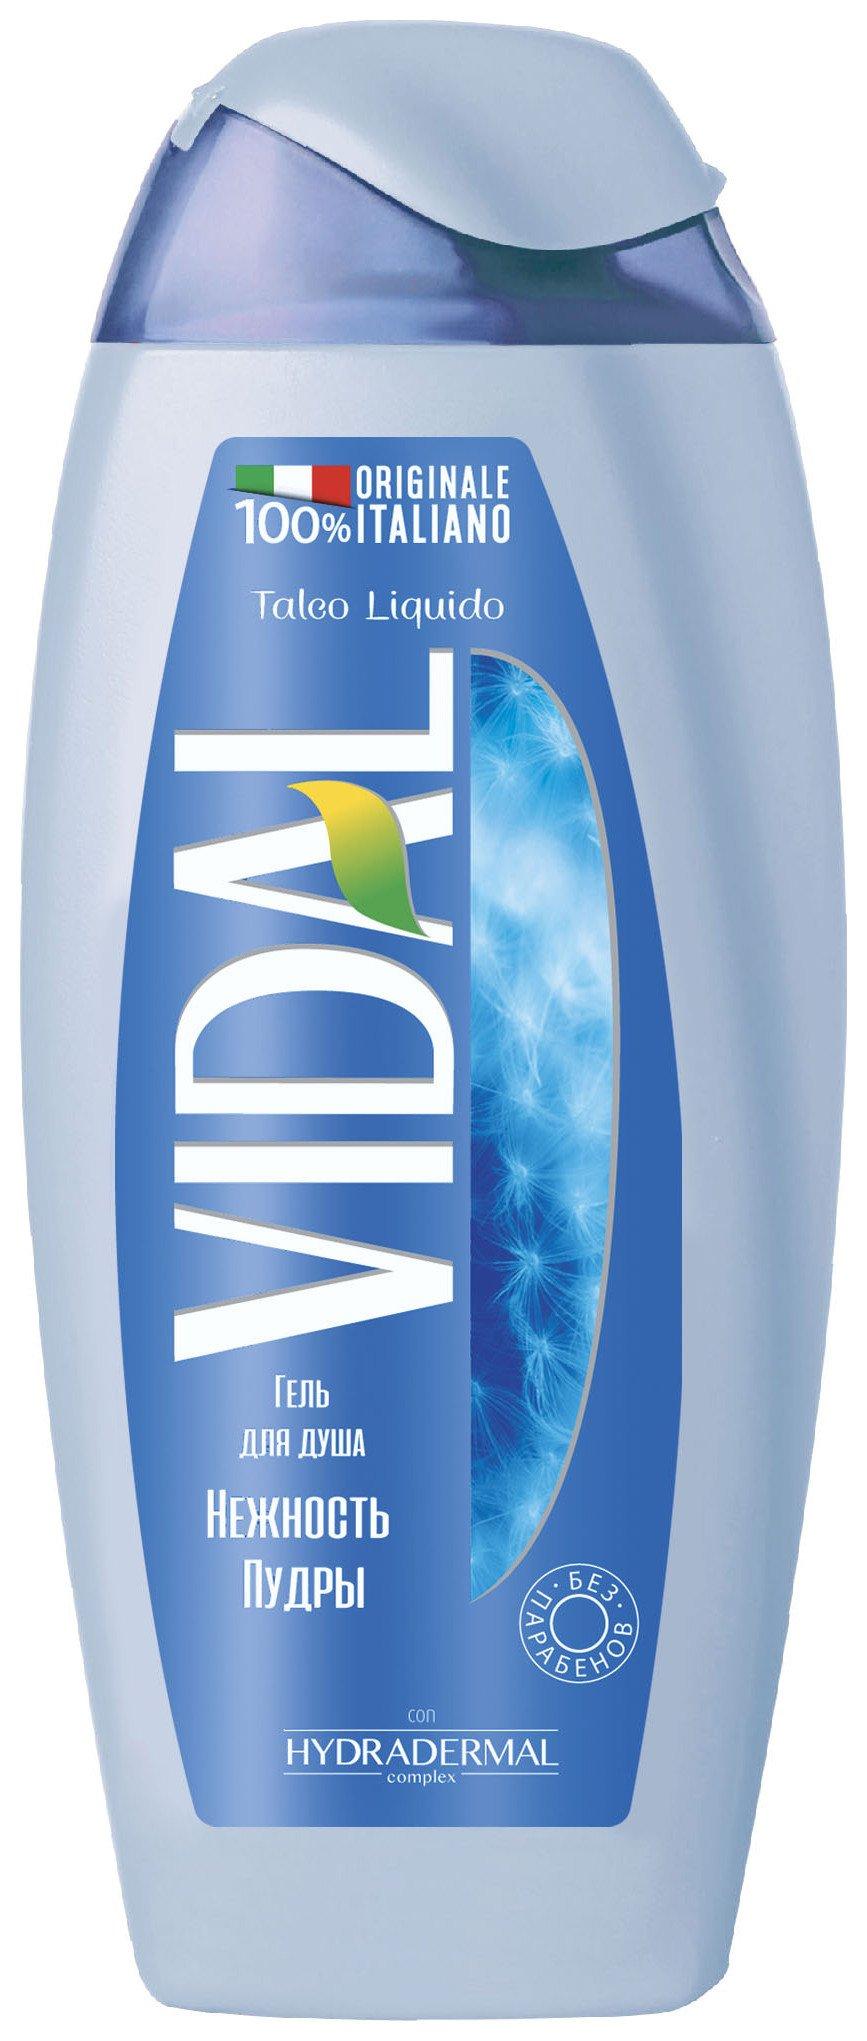 Гель для душа «Нежность пудры»  Vidal